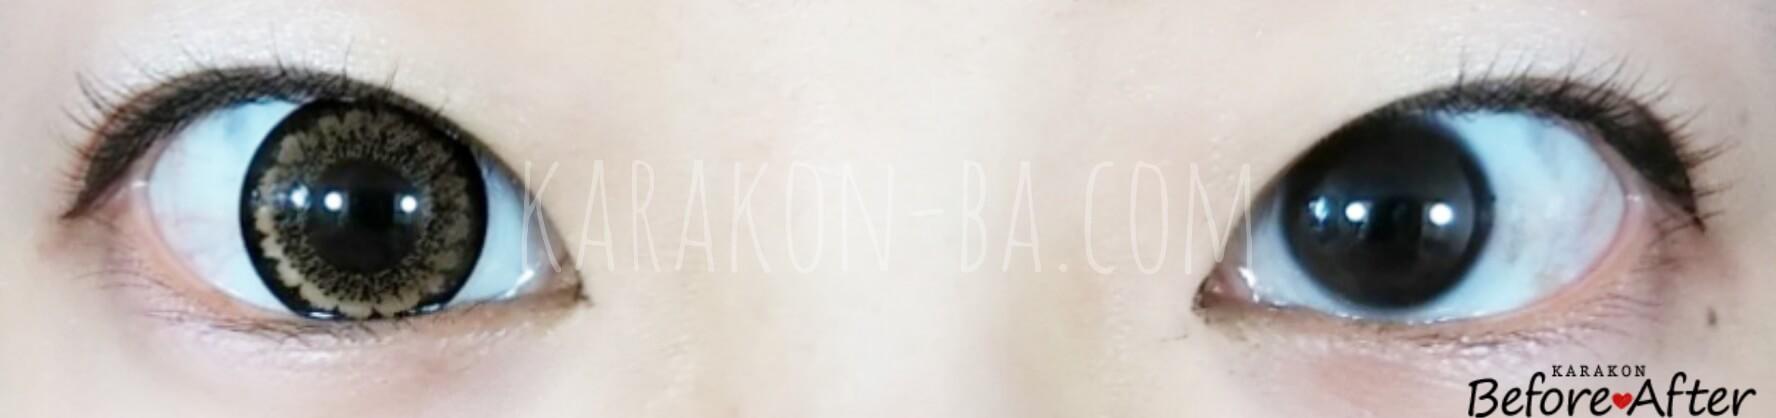 エターナルブラウンのカラコン装着画像/裸眼と比較